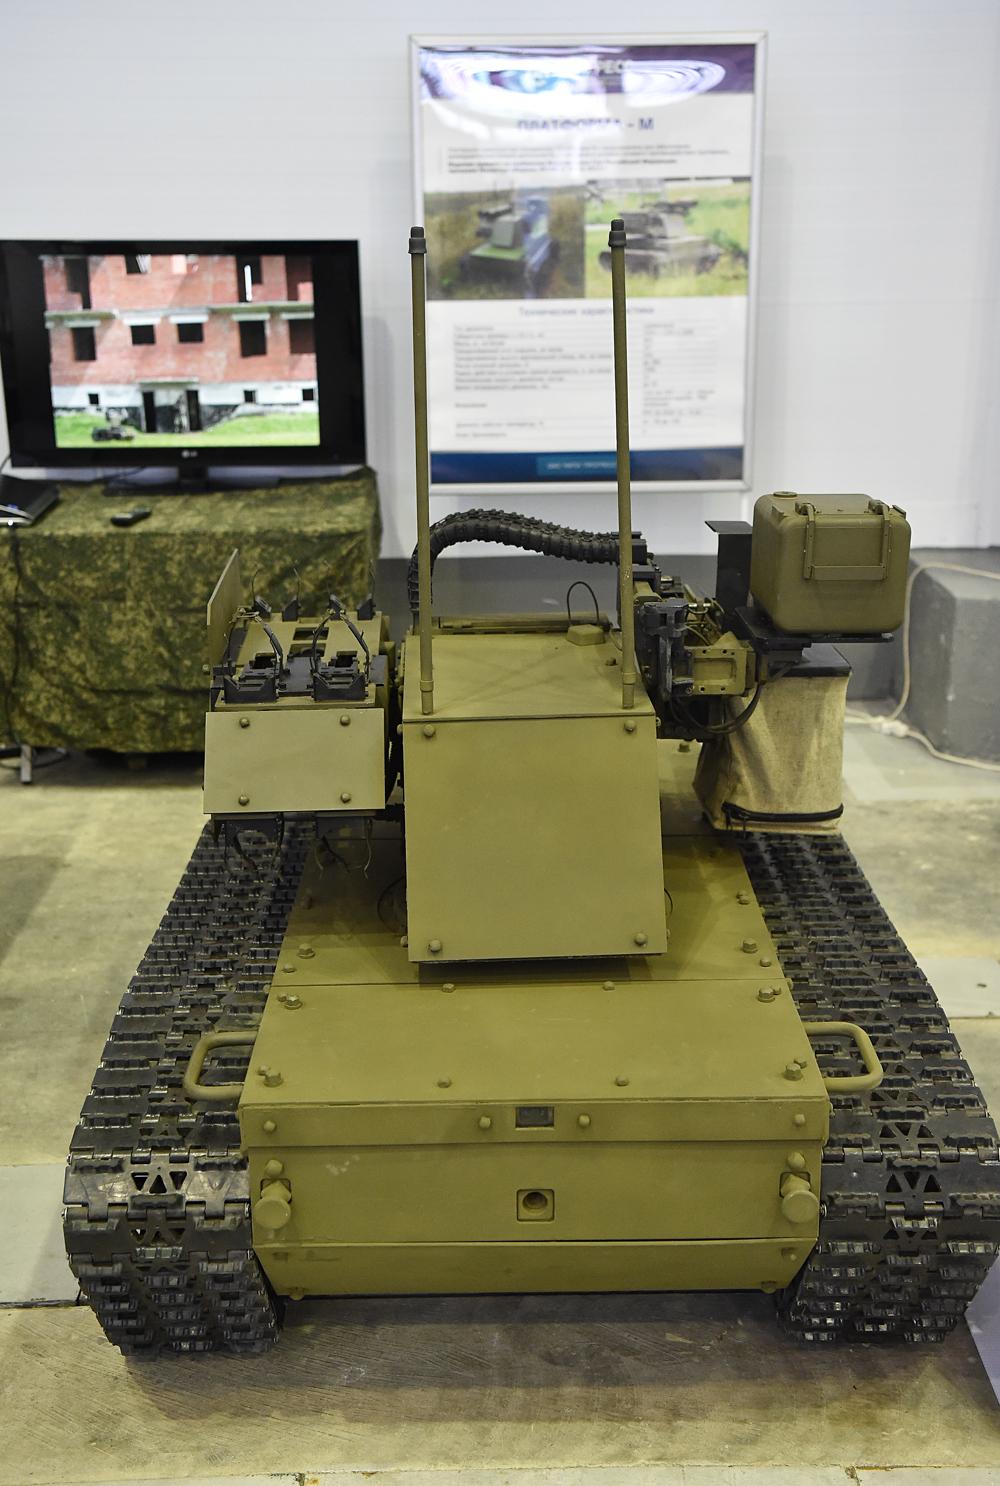 Sistema diseu00f1ado para el combate sin entrar en contacto directo con el enemigo. Se trata de una unidad de combate universal que puede actuar de explorador, patrulla o guarda de infraestructura importante.